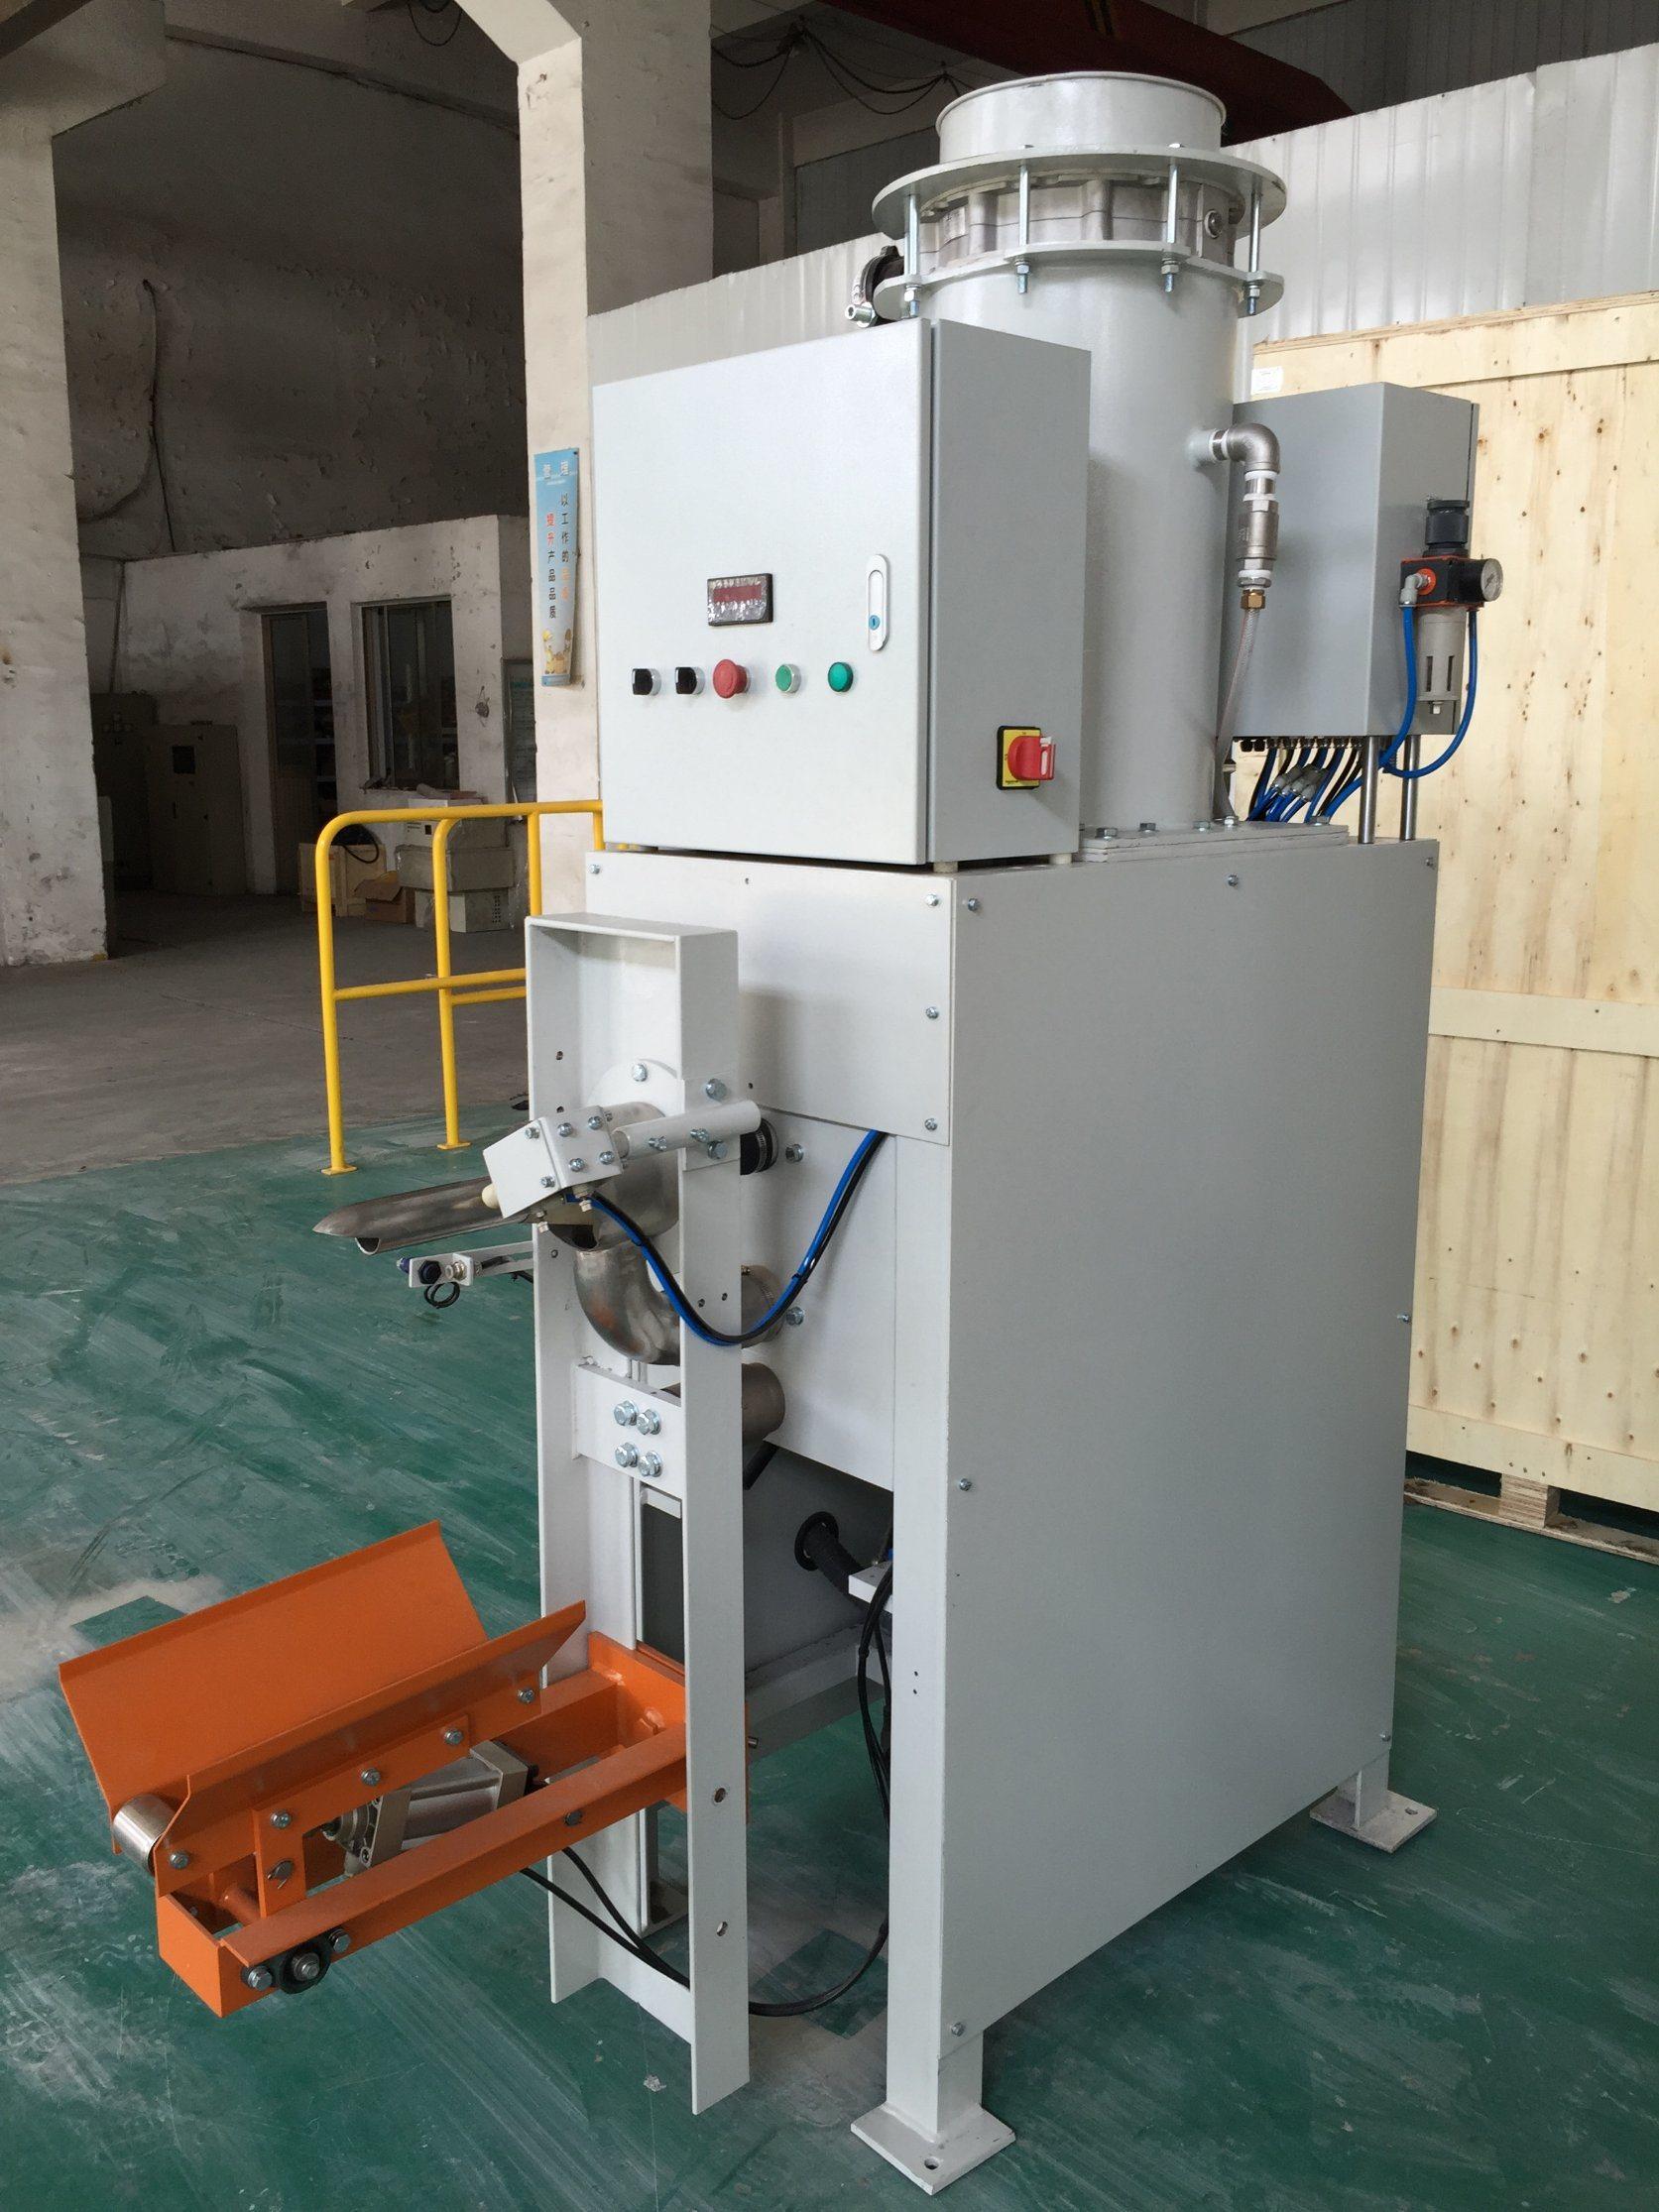 ماكينة تعبئة الاسمنت - جيبس -مواد بناء -مبيدات - اسمدة